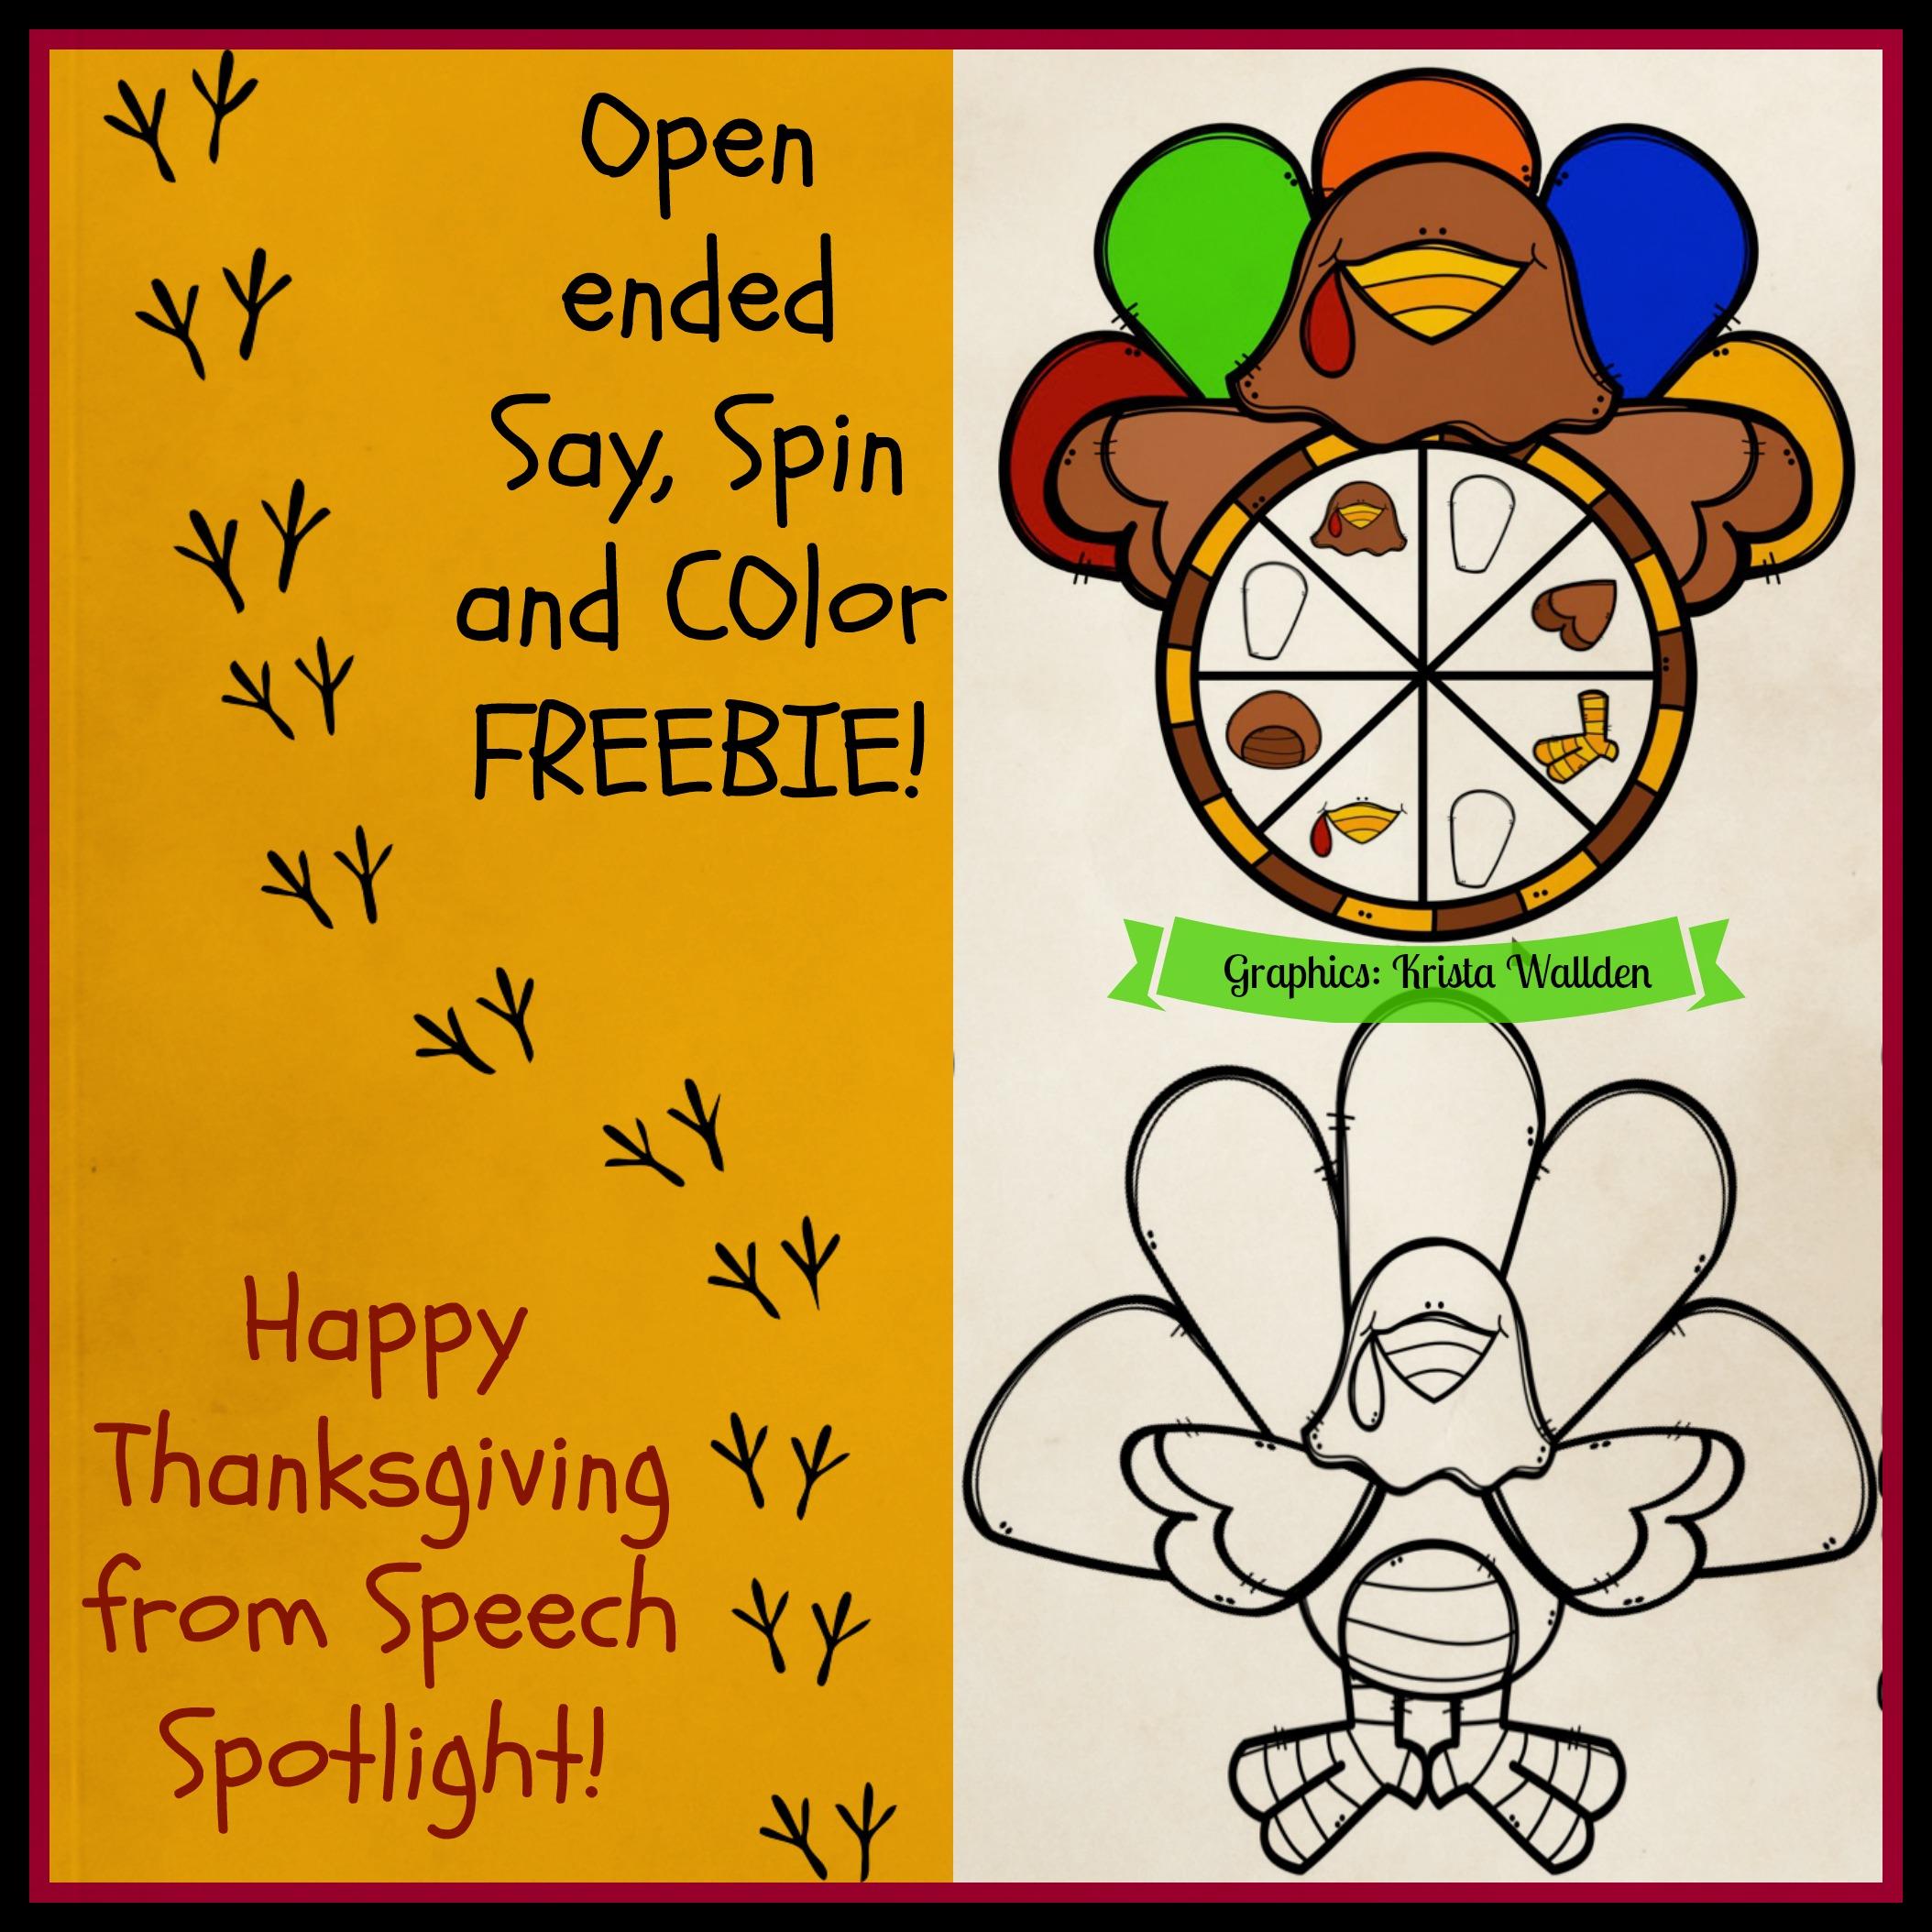 Happy Thanksgiving from Speech Sotlight